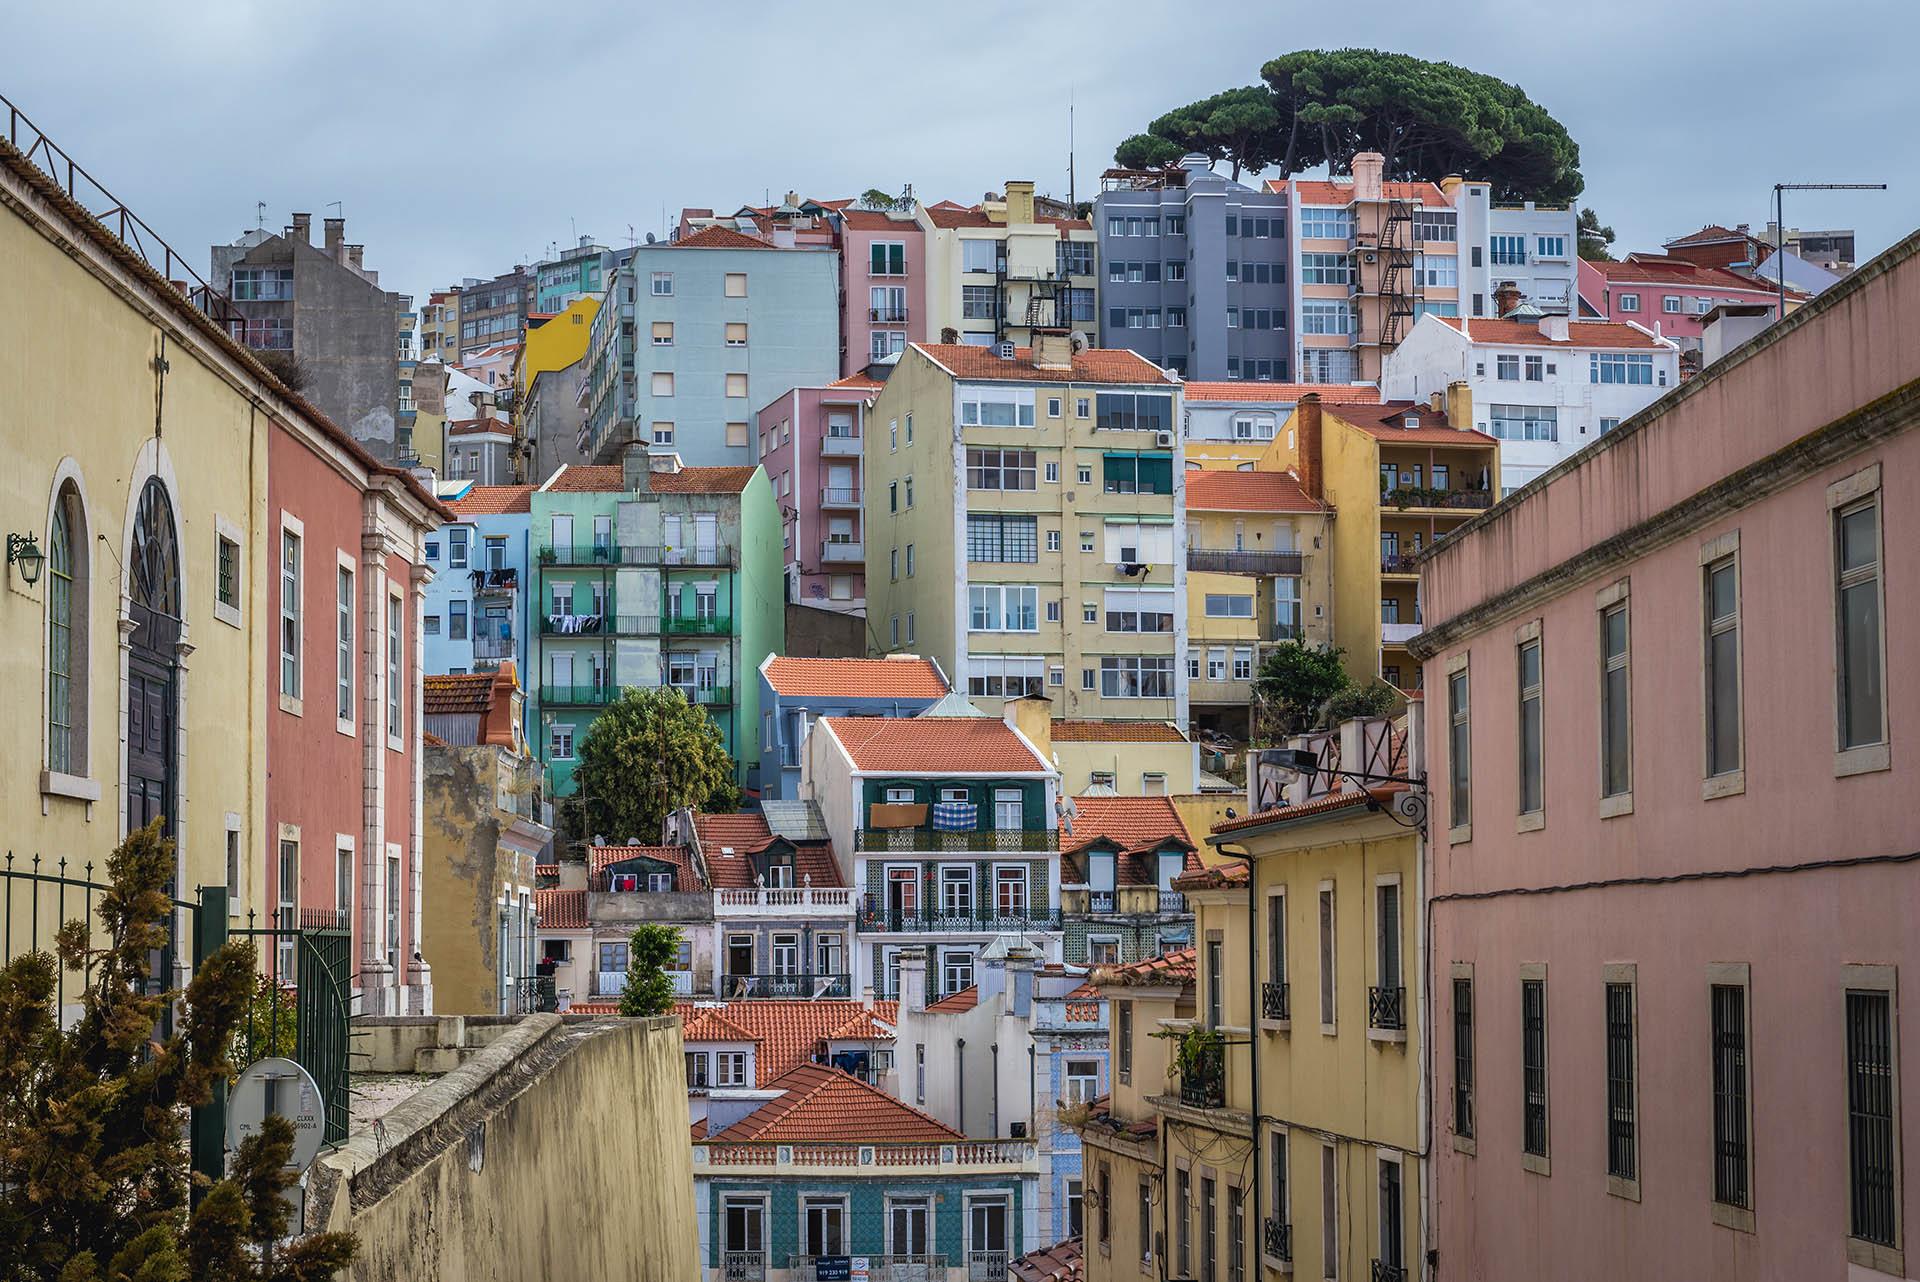 """Arroios, en Lisboa, encabeza la lista como el vecindario más cool del mundo en este momento. """"Un centro multicultural donde el arte callejero se encuentra con la comida de todo el mundo, la cultura subterránea y los tesoros históricos"""", así lo define la revista británica"""